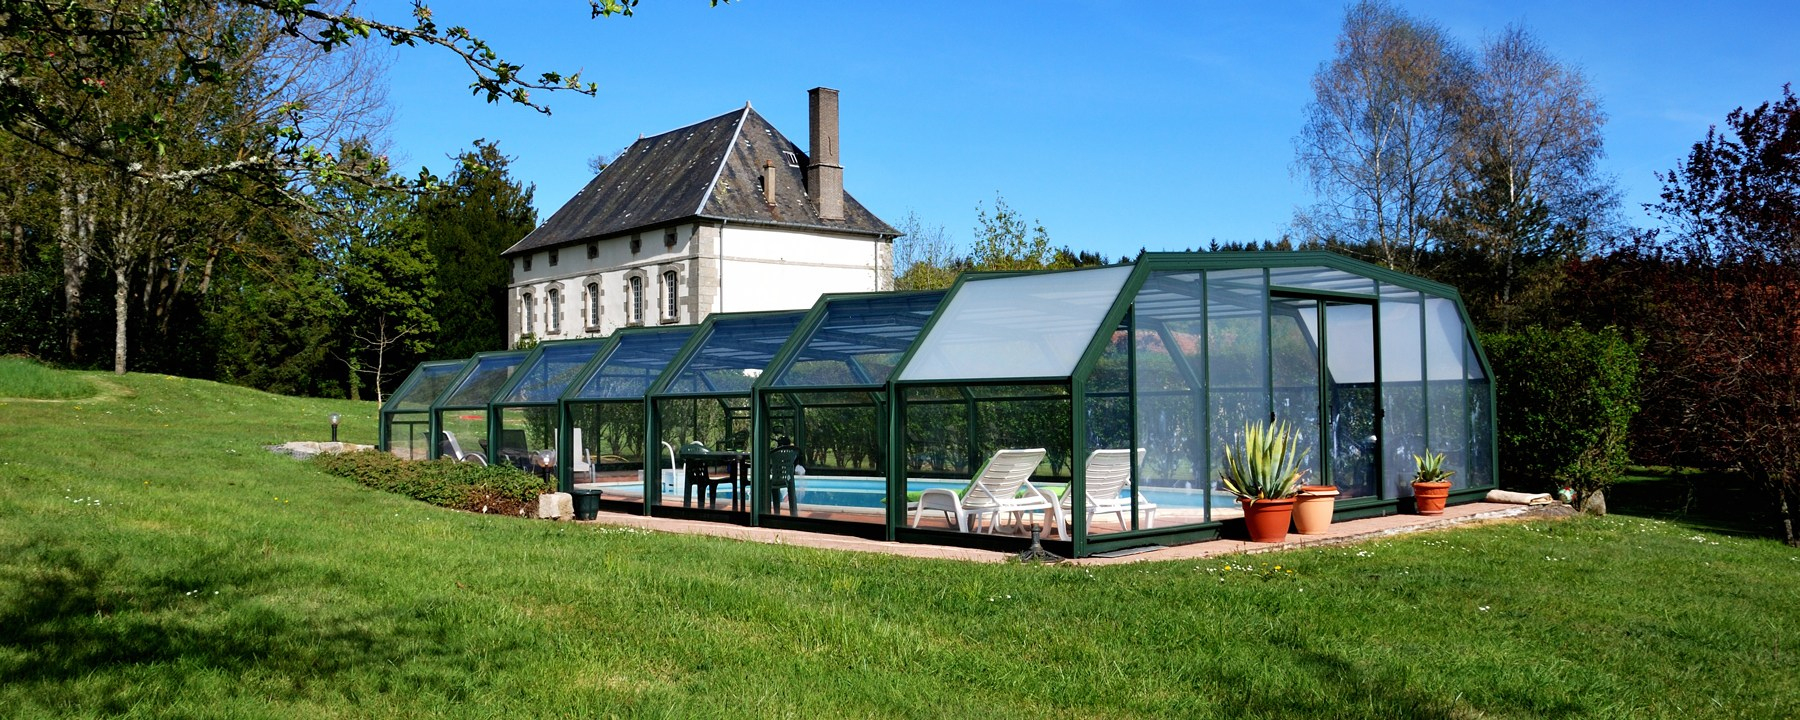 Gîte N°23G942 Les Vergnes Gite Avec Piscine À Saint Pardoux ... intérieur Piscine Aubusson